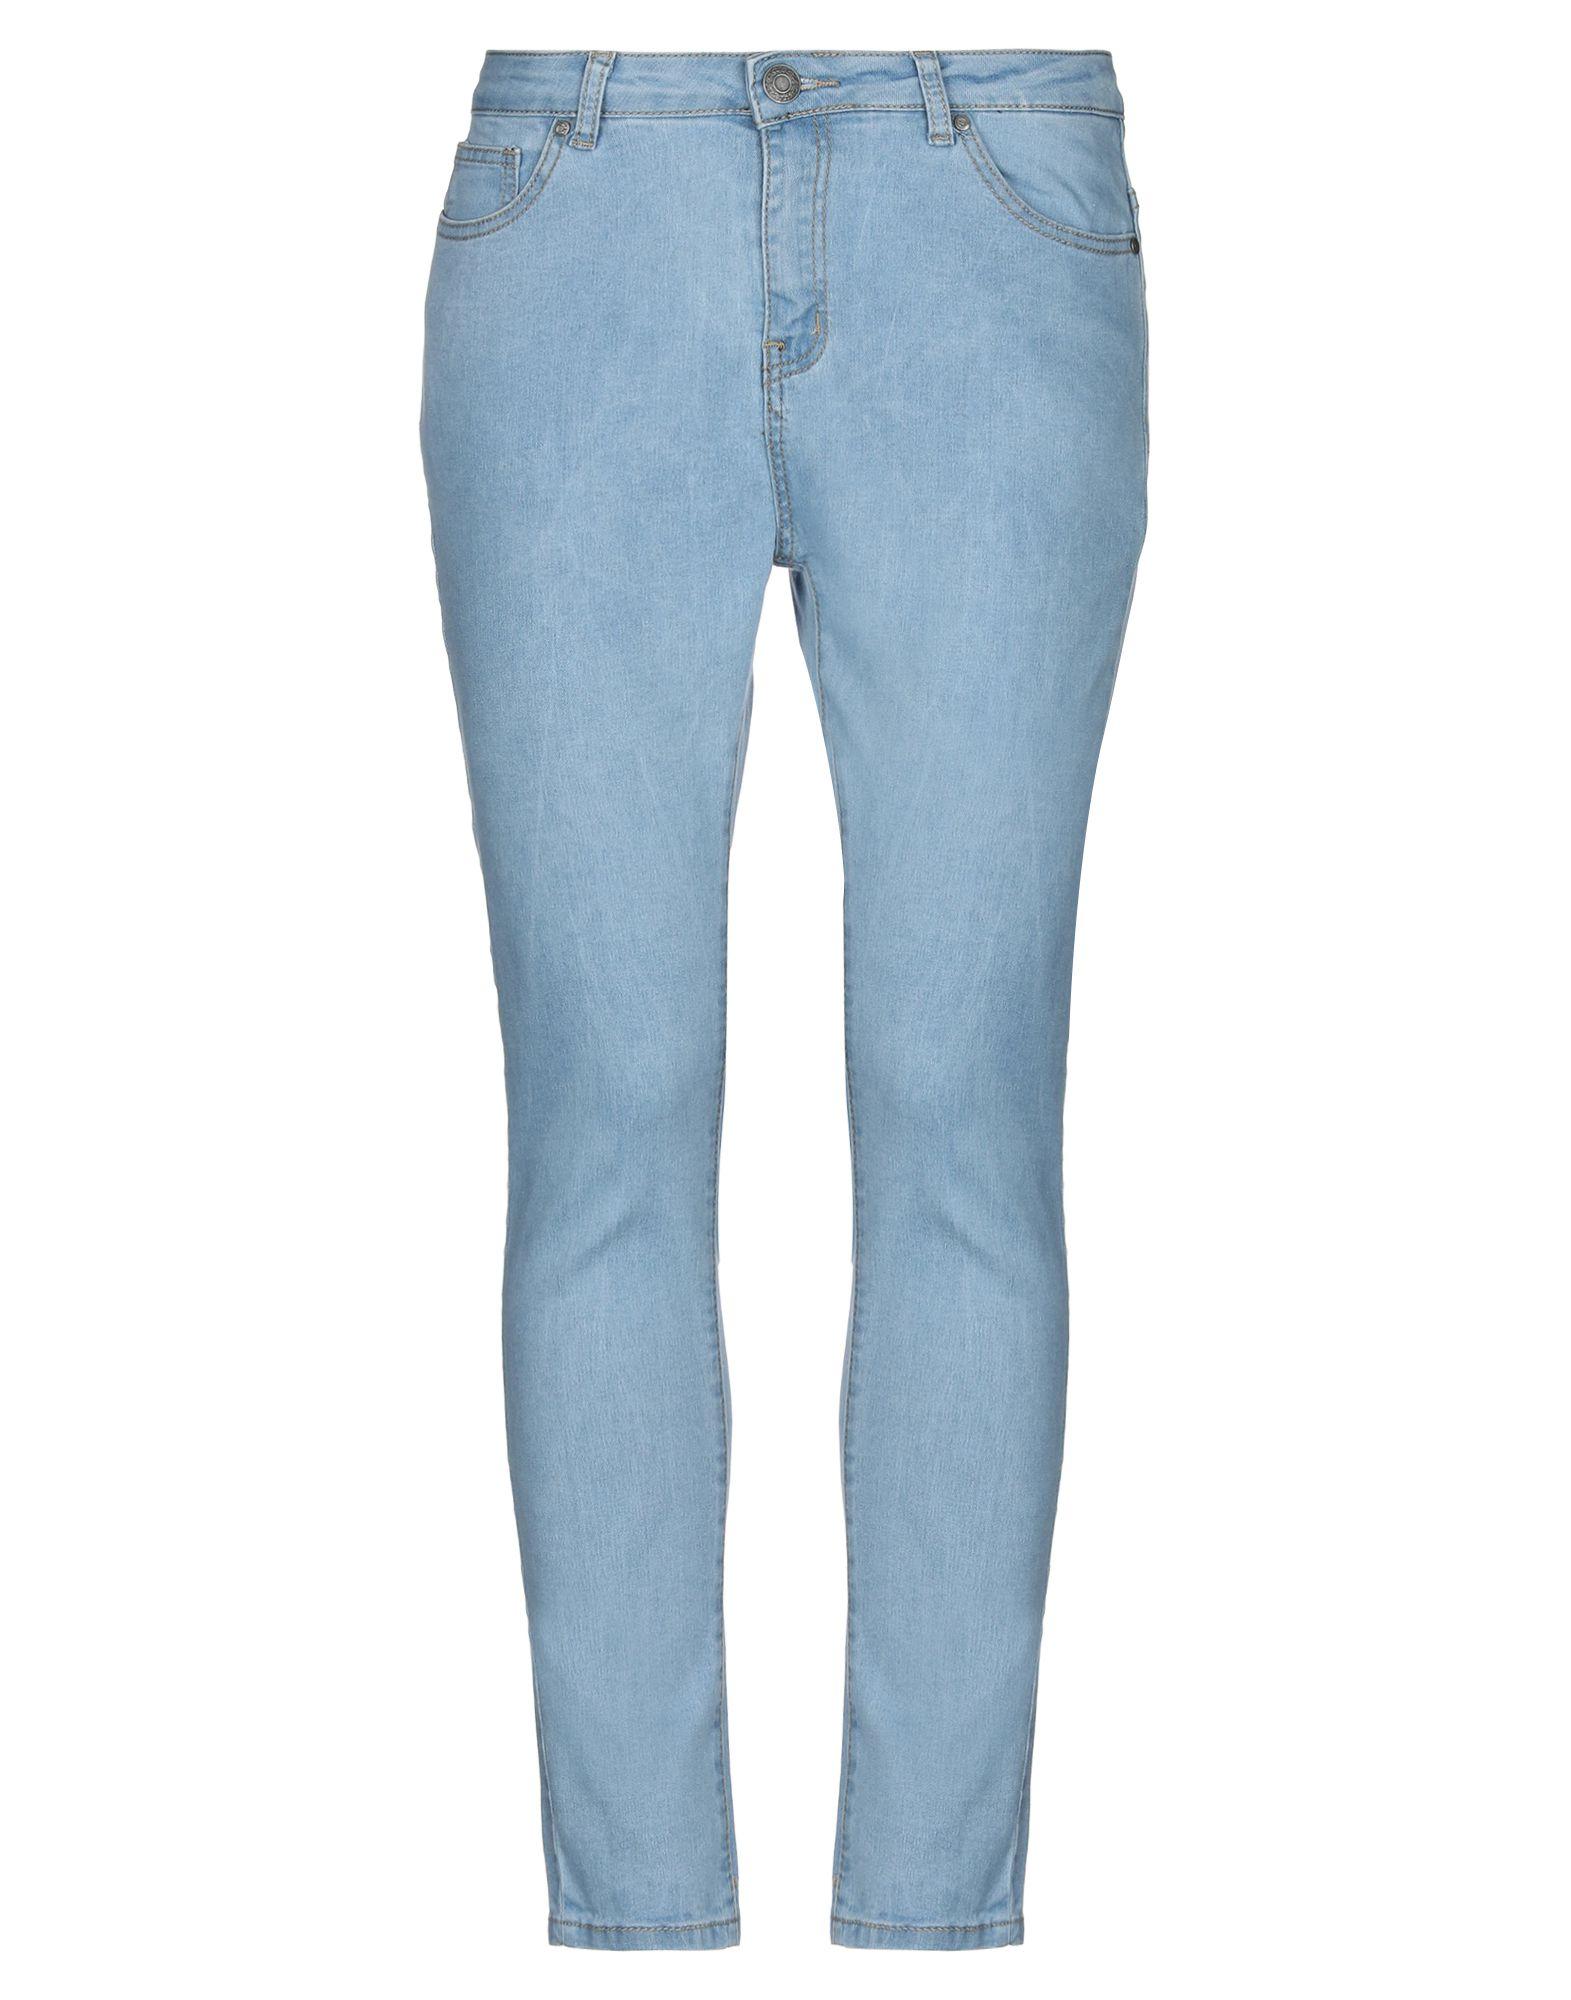 SARAH CHOLE Джинсовые брюки sarah chole джинсовые брюки